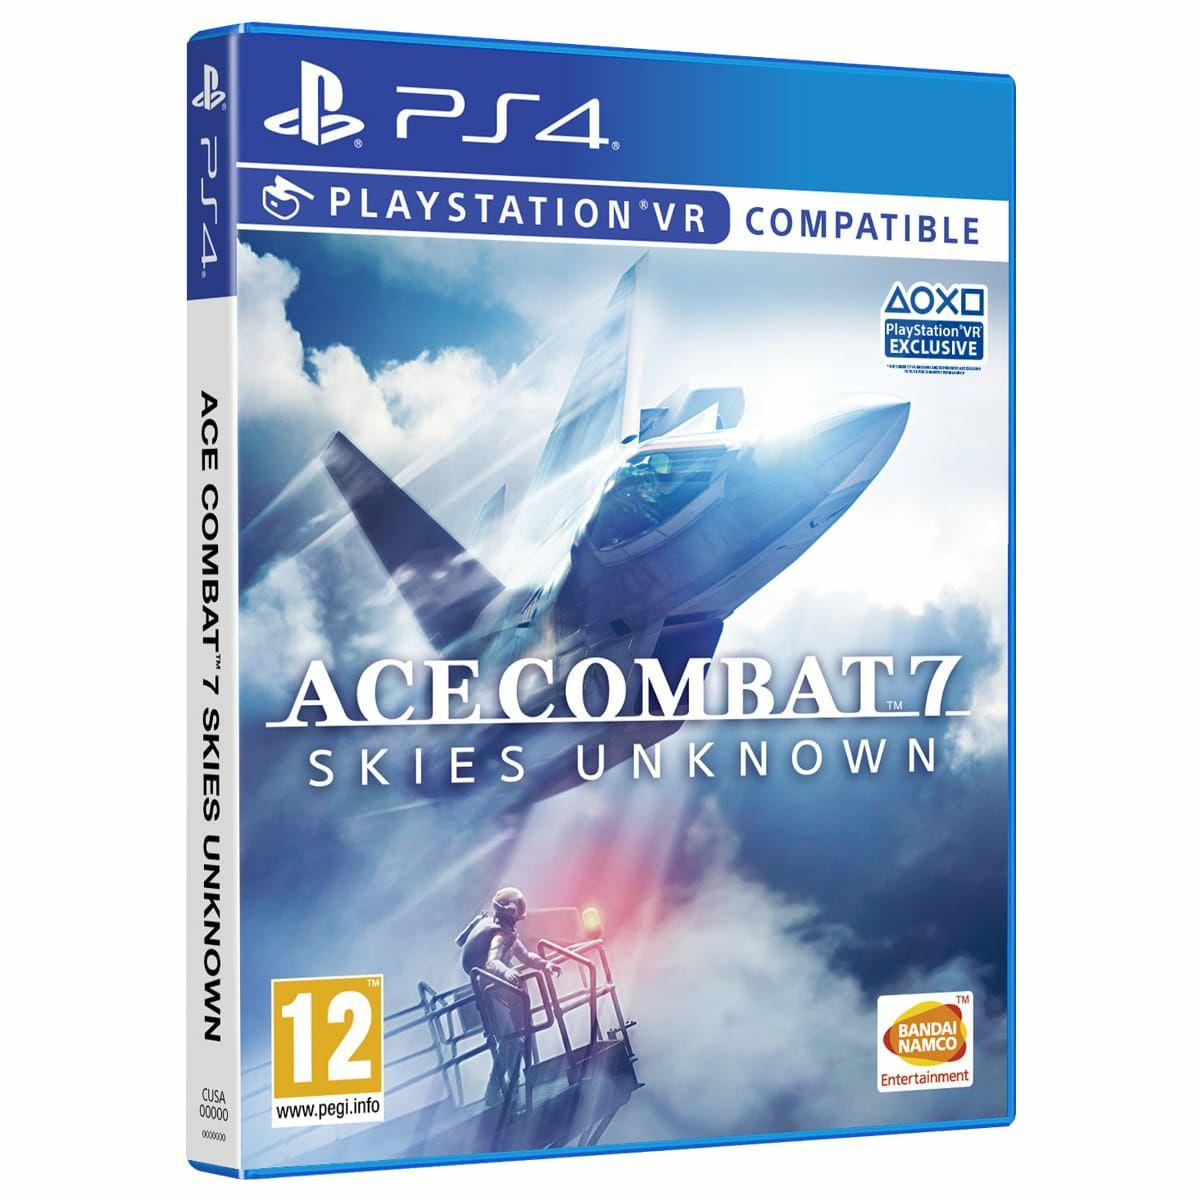 Jeu Ace Combat 7 : Skies Unknown sur PS4